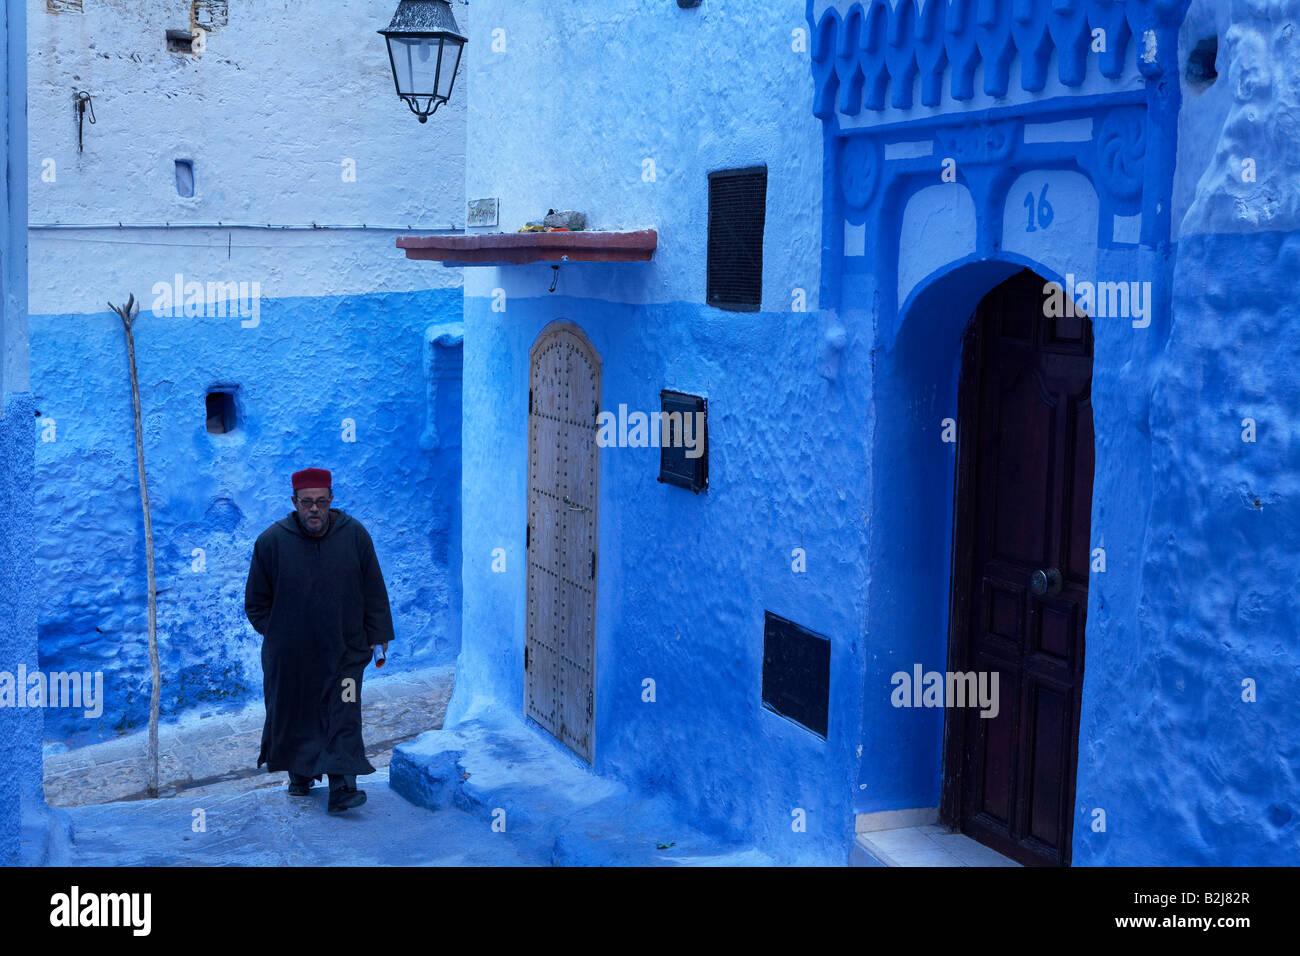 Straßenszenen in der blauen ummauerten Stadt Chefchaouen, Marokko Stockfoto